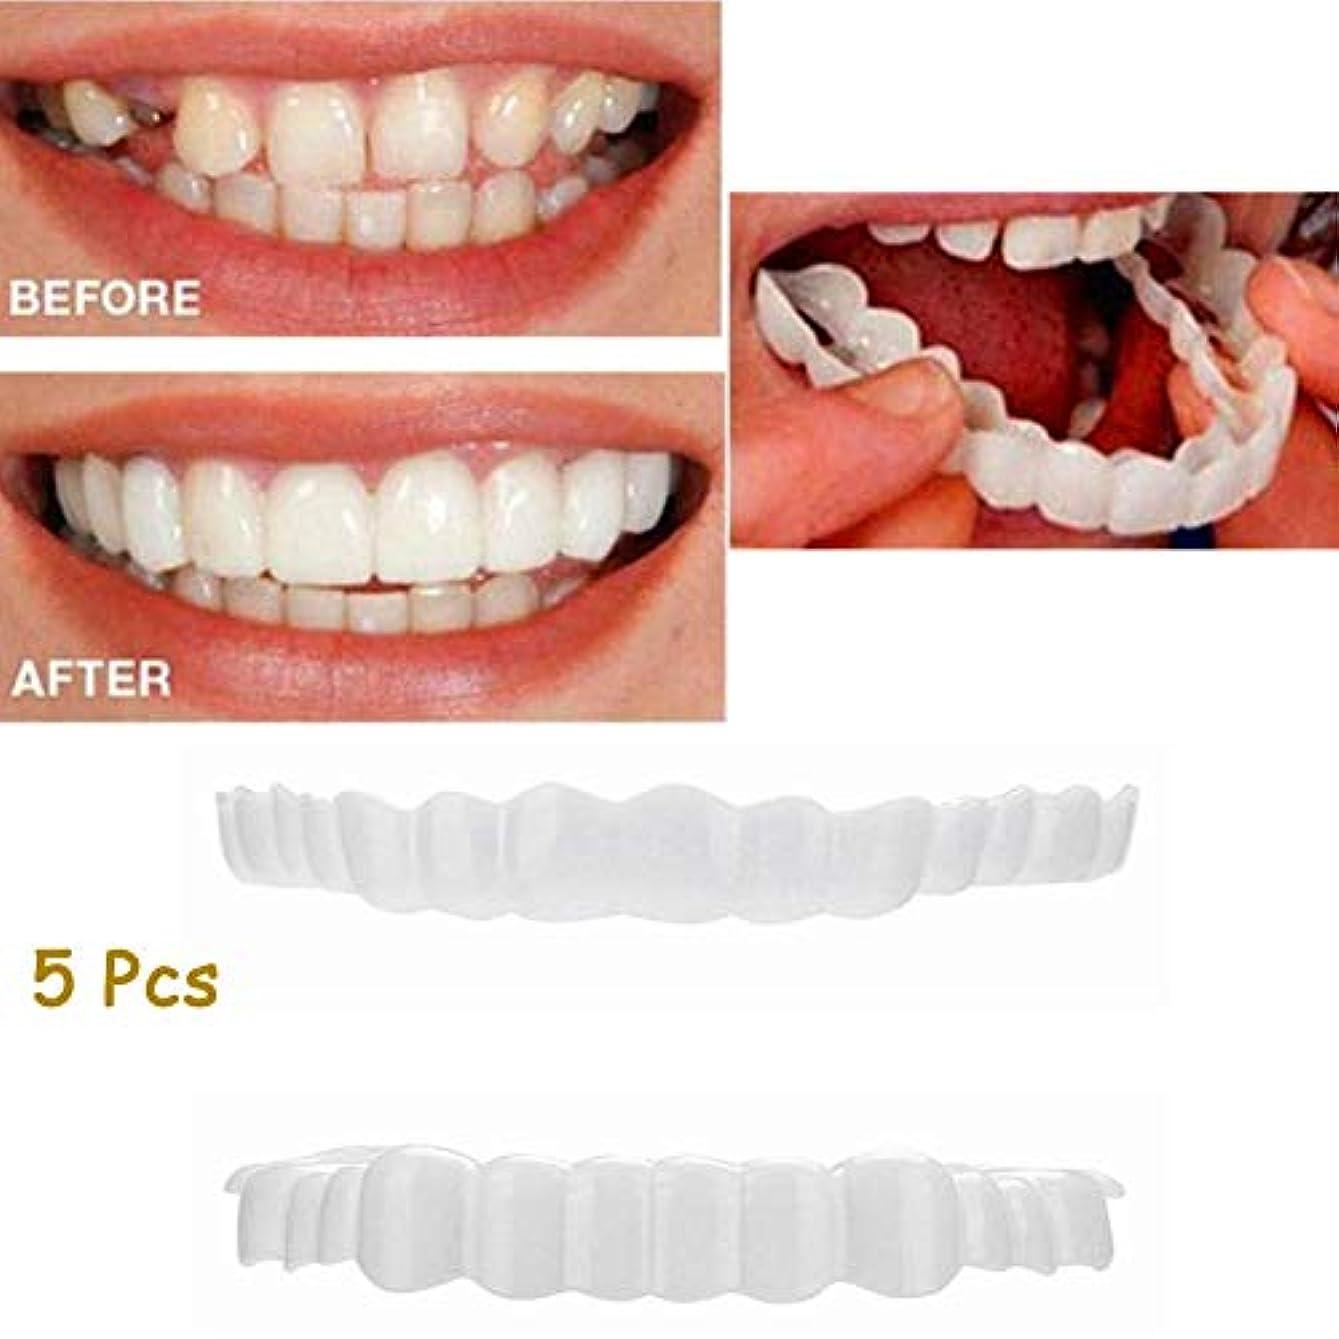 血統招待高度5本の上歯+下歯セット偽の歯を白くする完璧な化粧品の歯